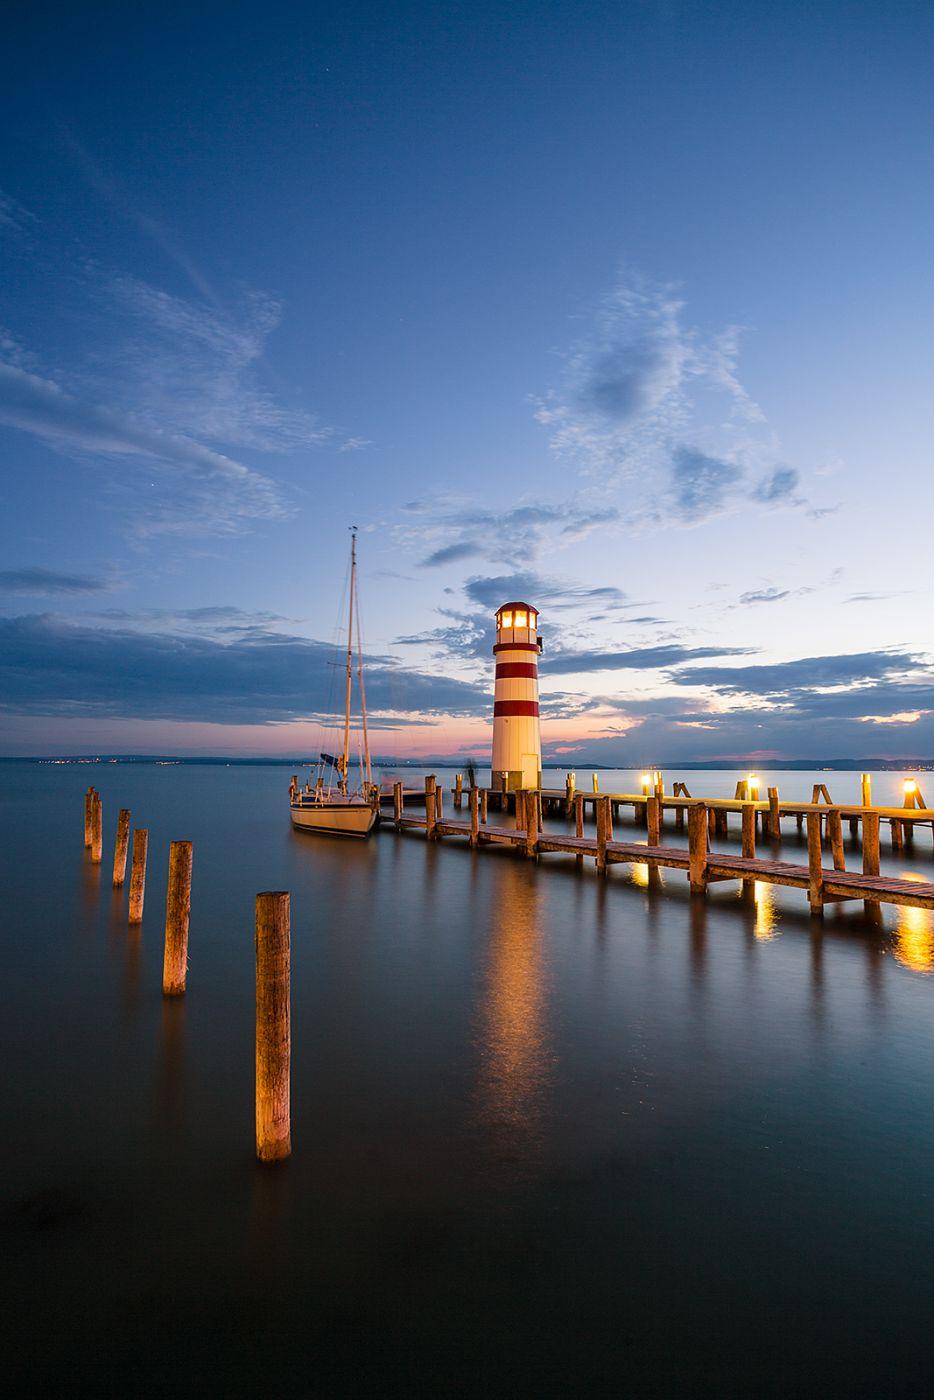 Lighthouse Podersdorf, Austria